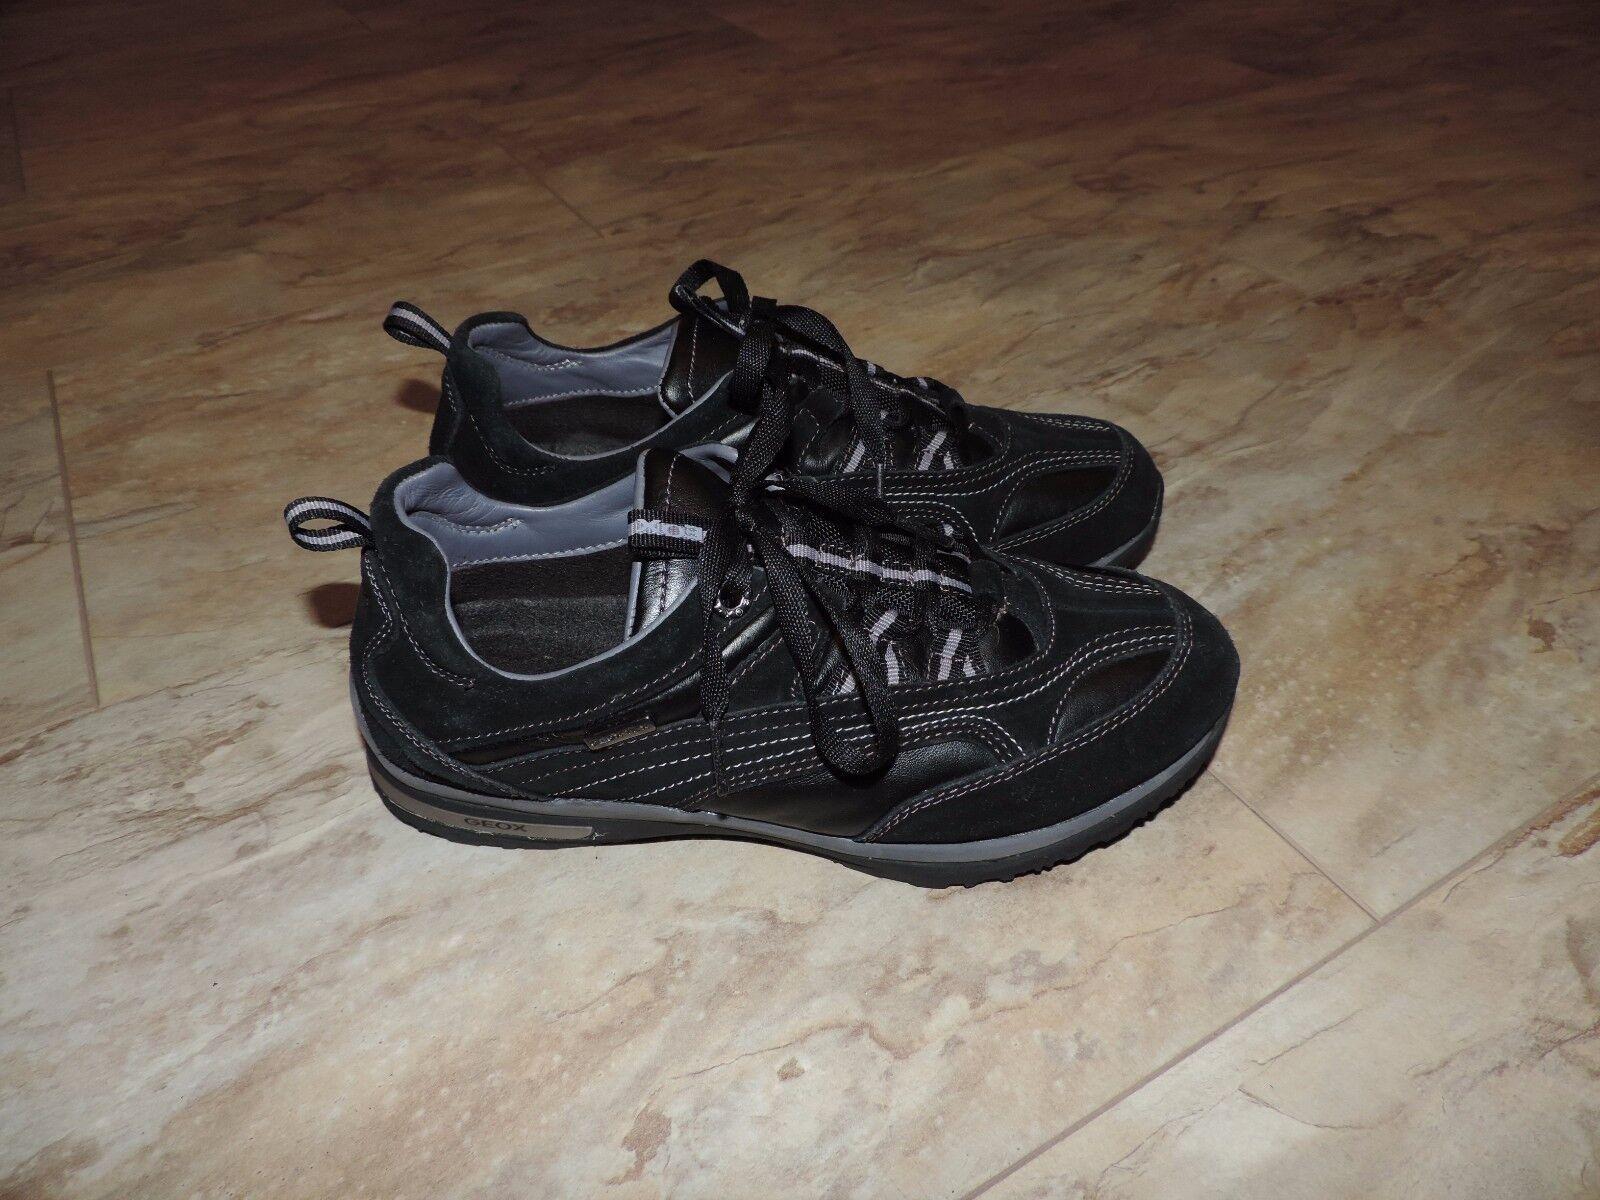 GEOX  Sportsschuhe, Sneaker Gr. 39 UK 8